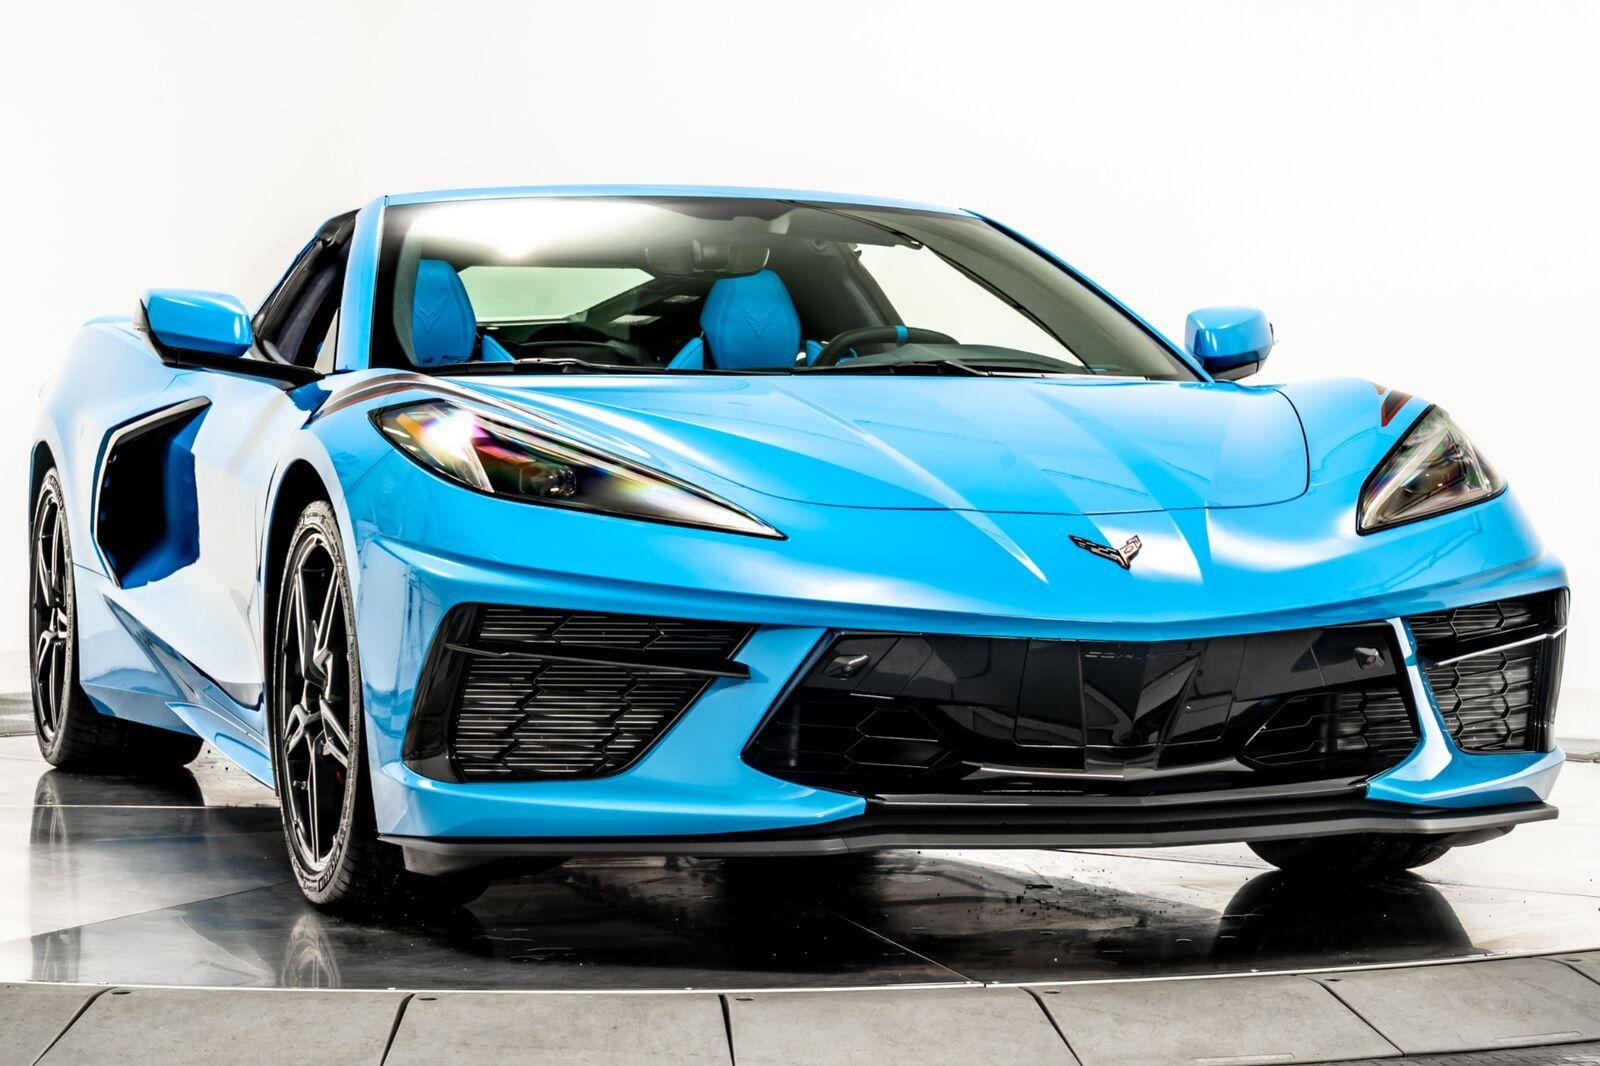 2021 Blue Chevrolet Corvette  3LT   C7 Corvette Photo 2